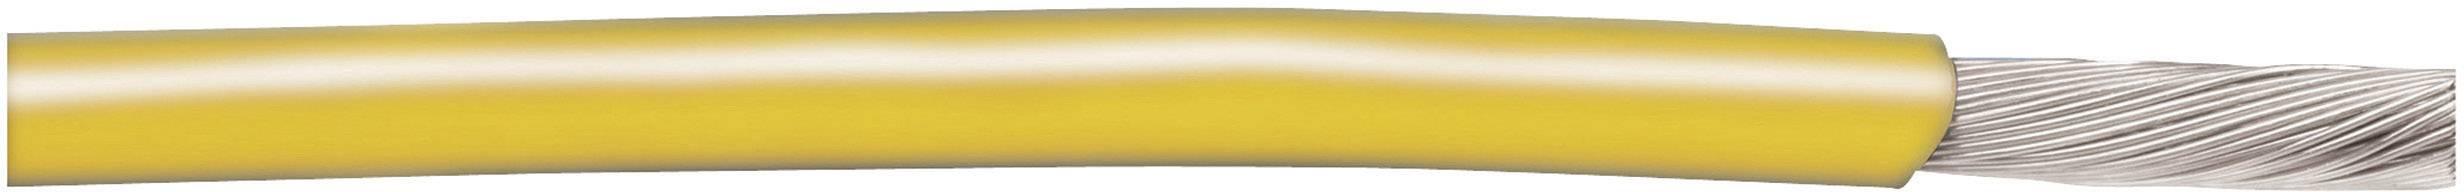 Opletenie / lanko AlphaWire 3073 GR005 1 x 0.50 mm², vonkajší Ø 2.56 mm, 30.5 m, zelená